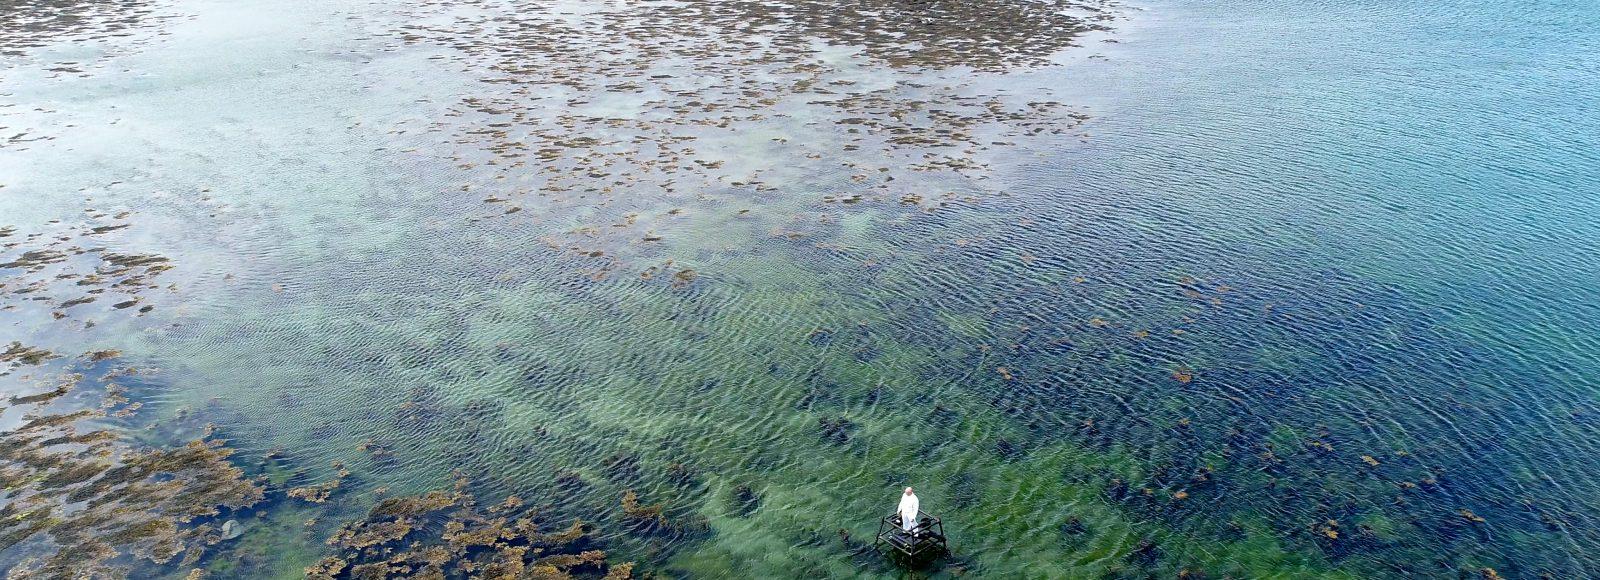 Swimming to Inishkeel